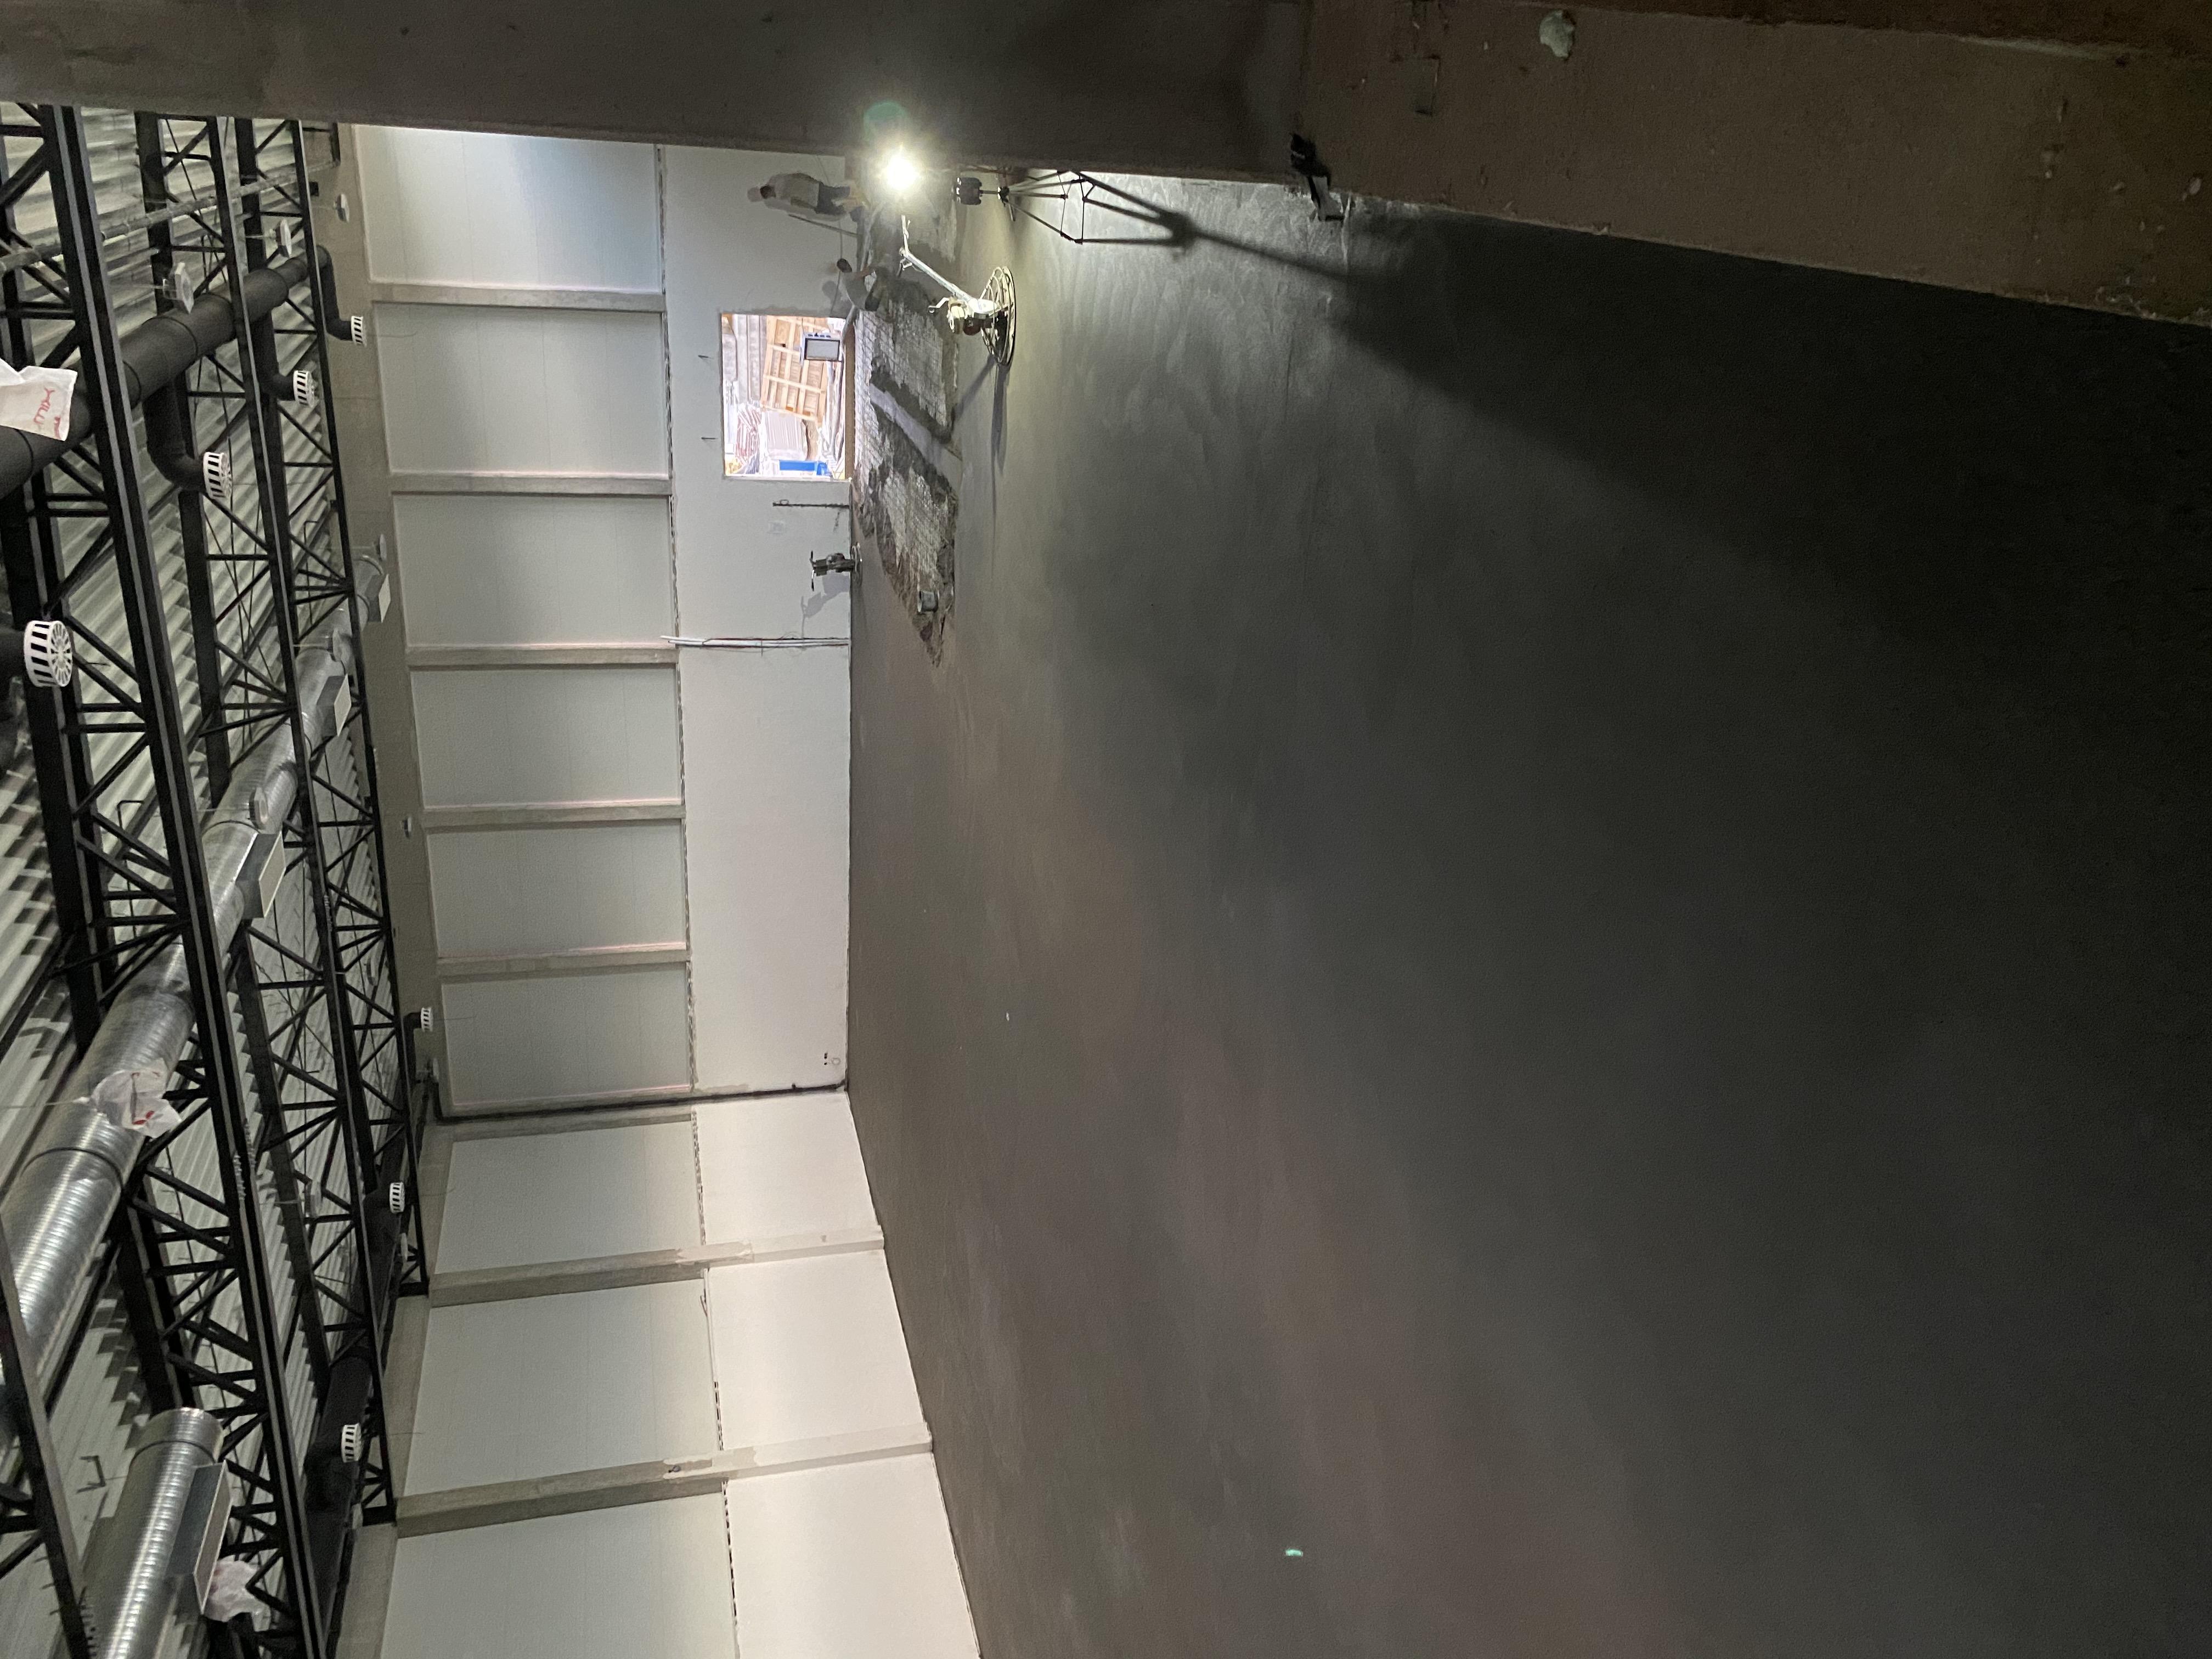 Estrich Beton és Ipari Padló készítés - Patai Beton